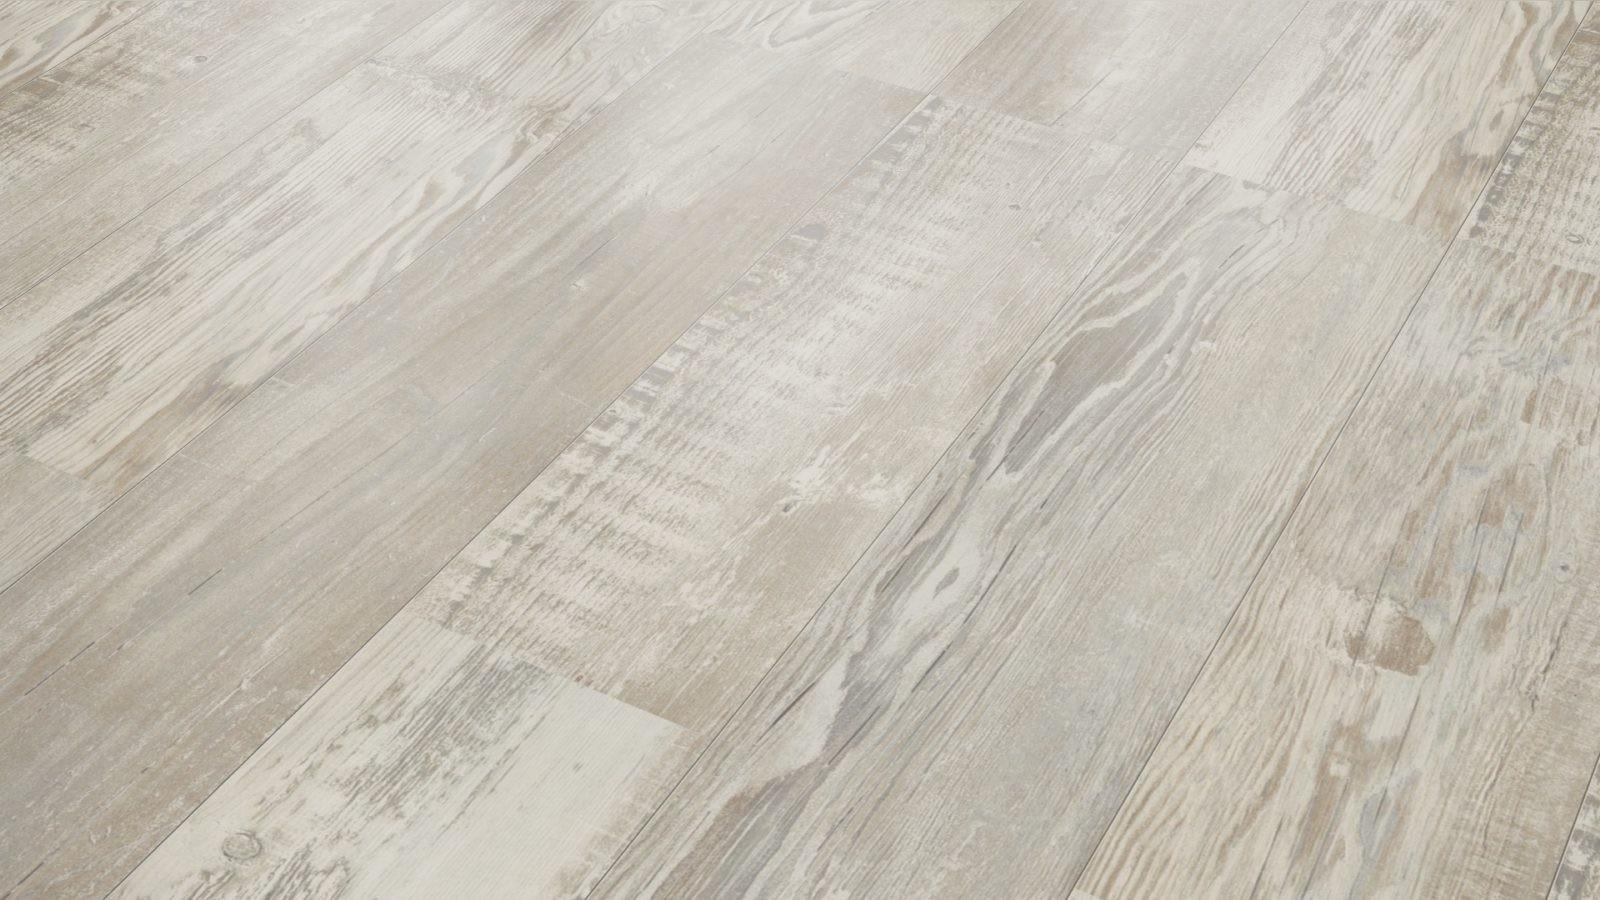 Oud eik whitewash mm vgroef online kopen luxury floors